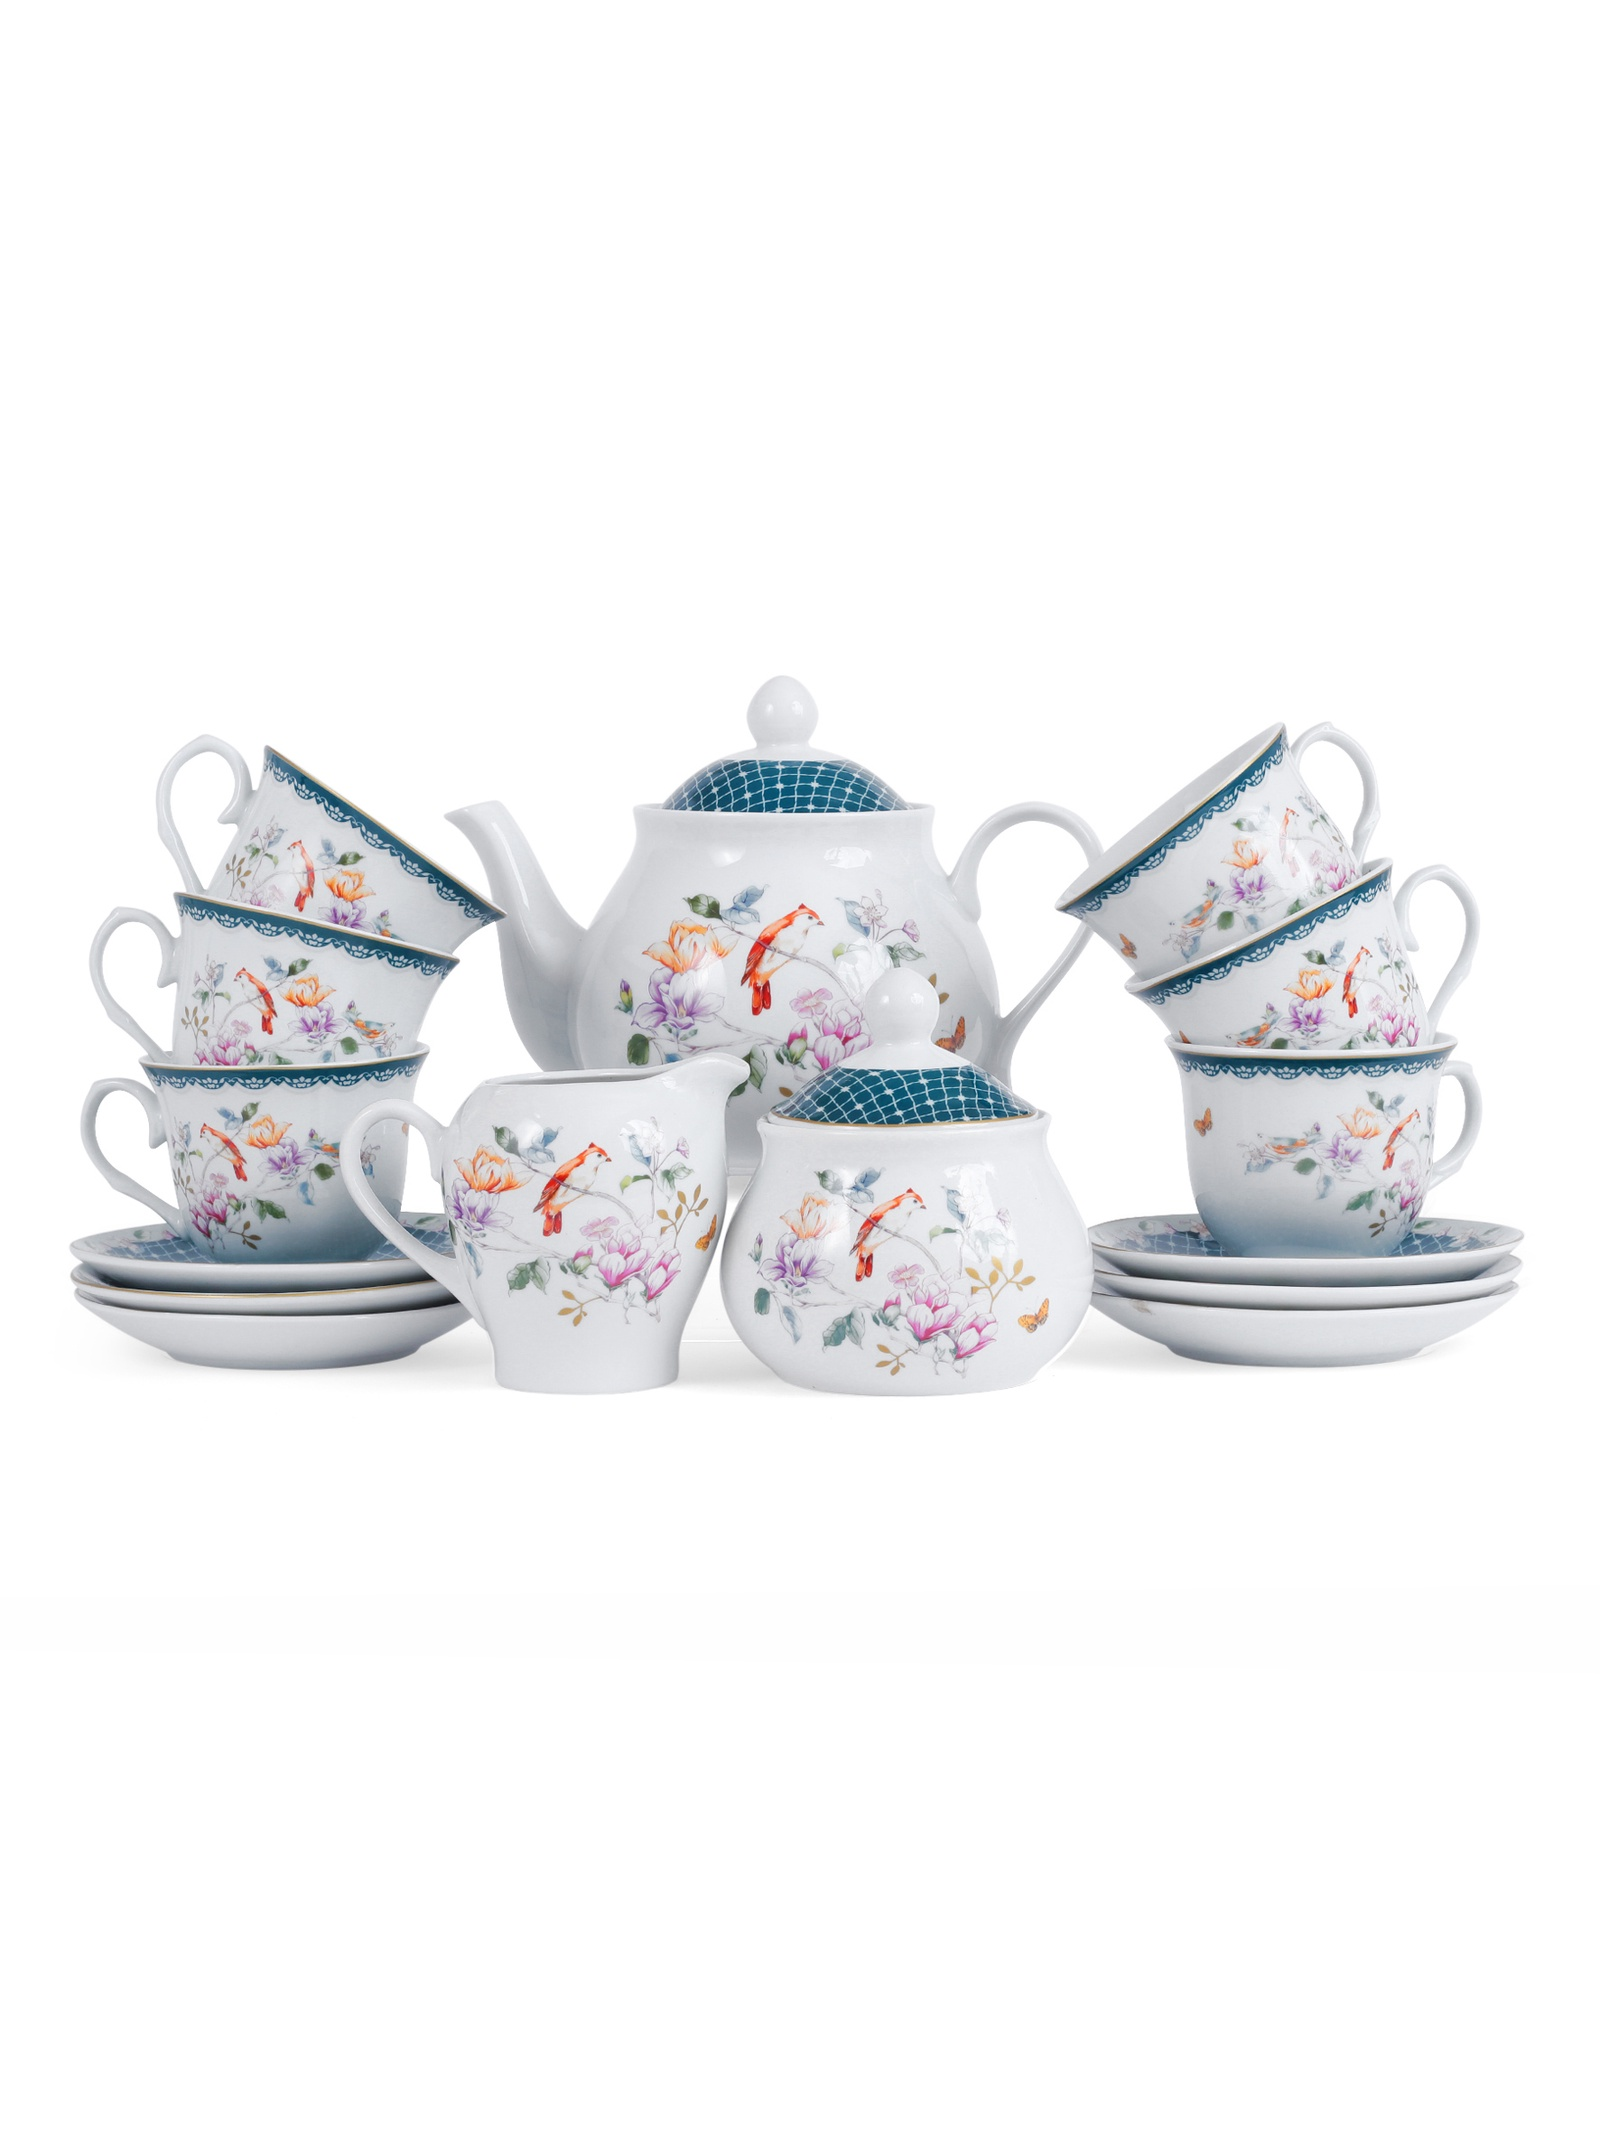 Набор чайный JEWEL Доротея 15 предметов (фарфор), 4 шт/уп nouvelle набор чашек кошки 230 мл